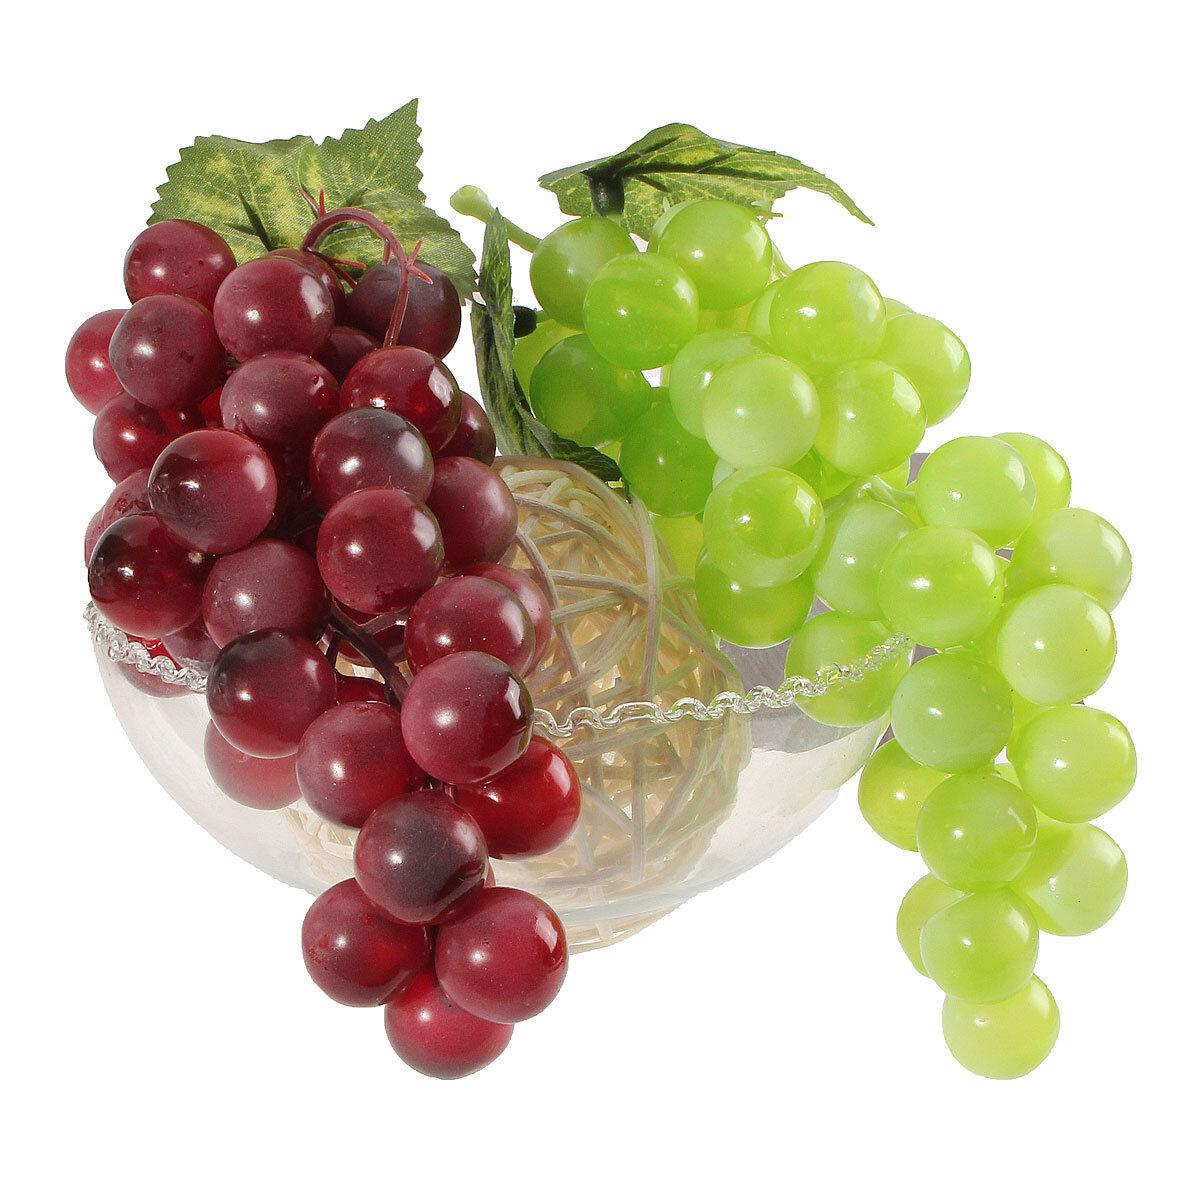 bouquet r aliste artificiel plastique grappes raisin fausse d cor maison jardin eur 1 45. Black Bedroom Furniture Sets. Home Design Ideas